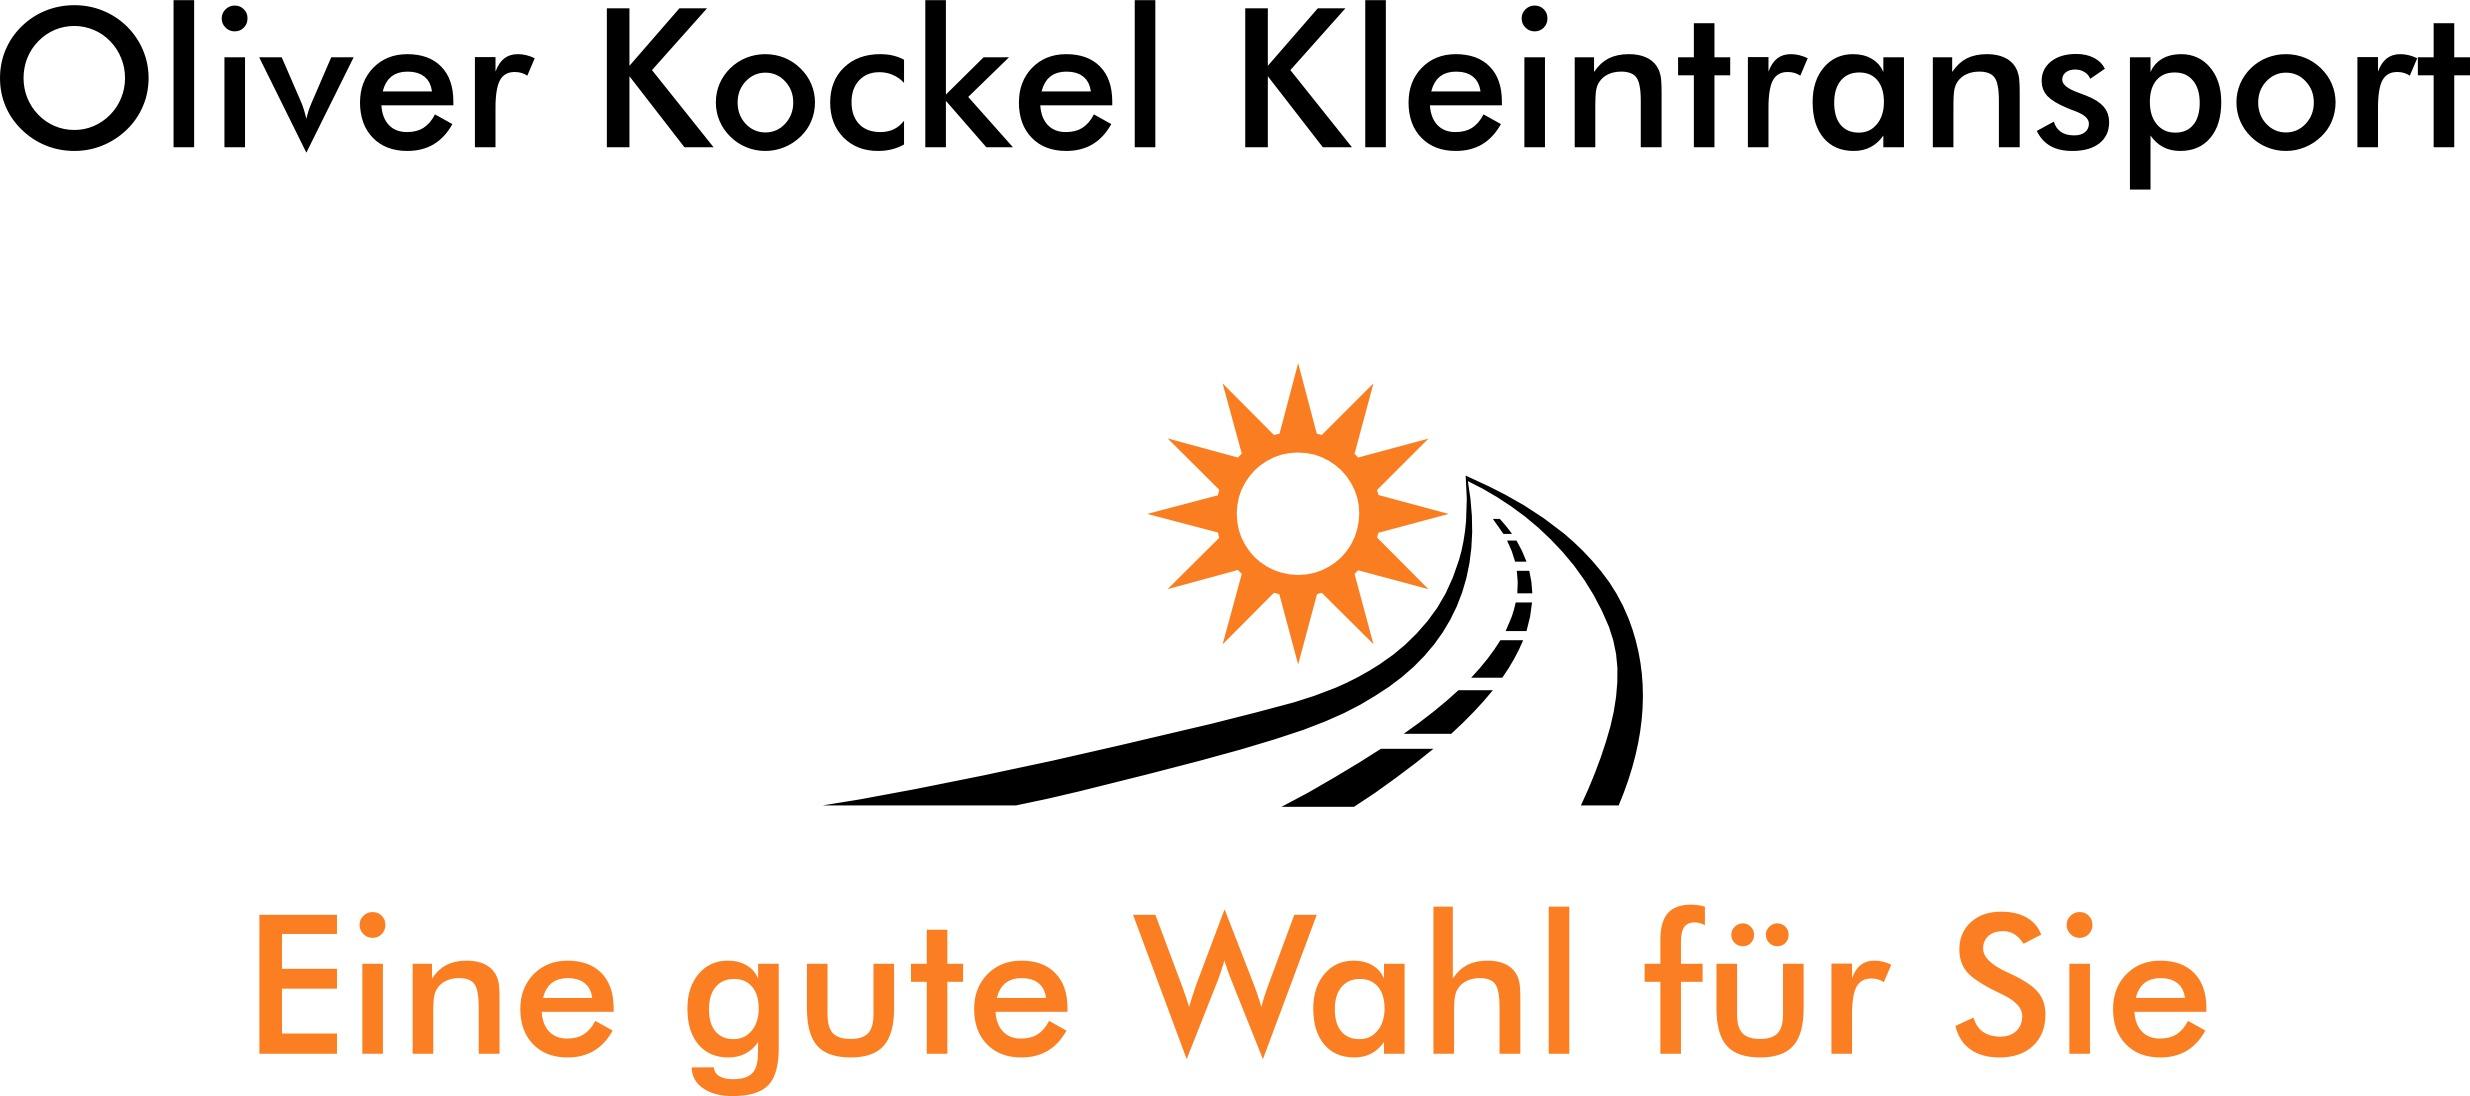 Oliver Kockel Kleintransport